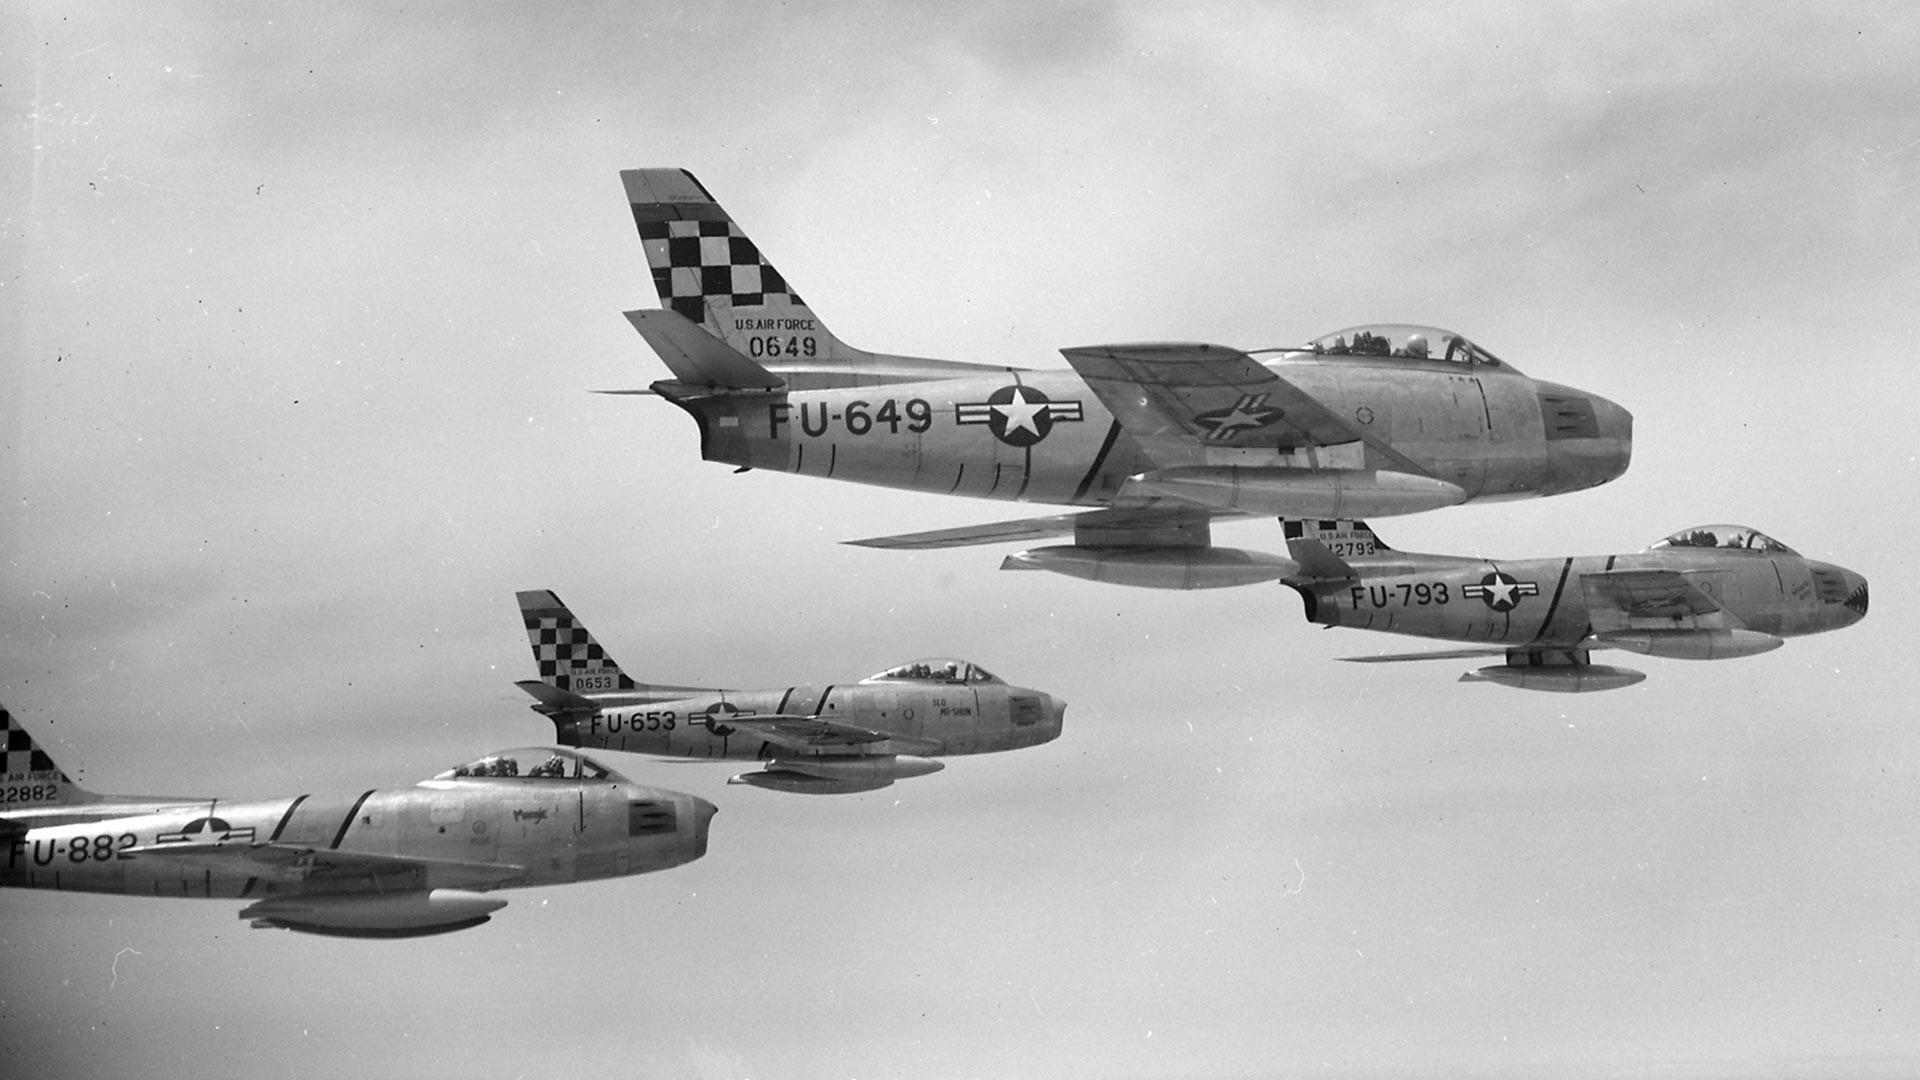 Četiri sjevernoamerička lovca F-86E Sabre u sastavu 51. grupe lovaca-presretača iznad Koreje 22. svibnja 1953. godine. Avioni FU-649 i FU-653 su model F-86E-5-NA, FU-793 je model F-86E-10-NA, dok je FU-882 model F-86E-6-CAN koji je originalno proizvela Kanada, ali isporučila zrakoplovstvu SAD-a.